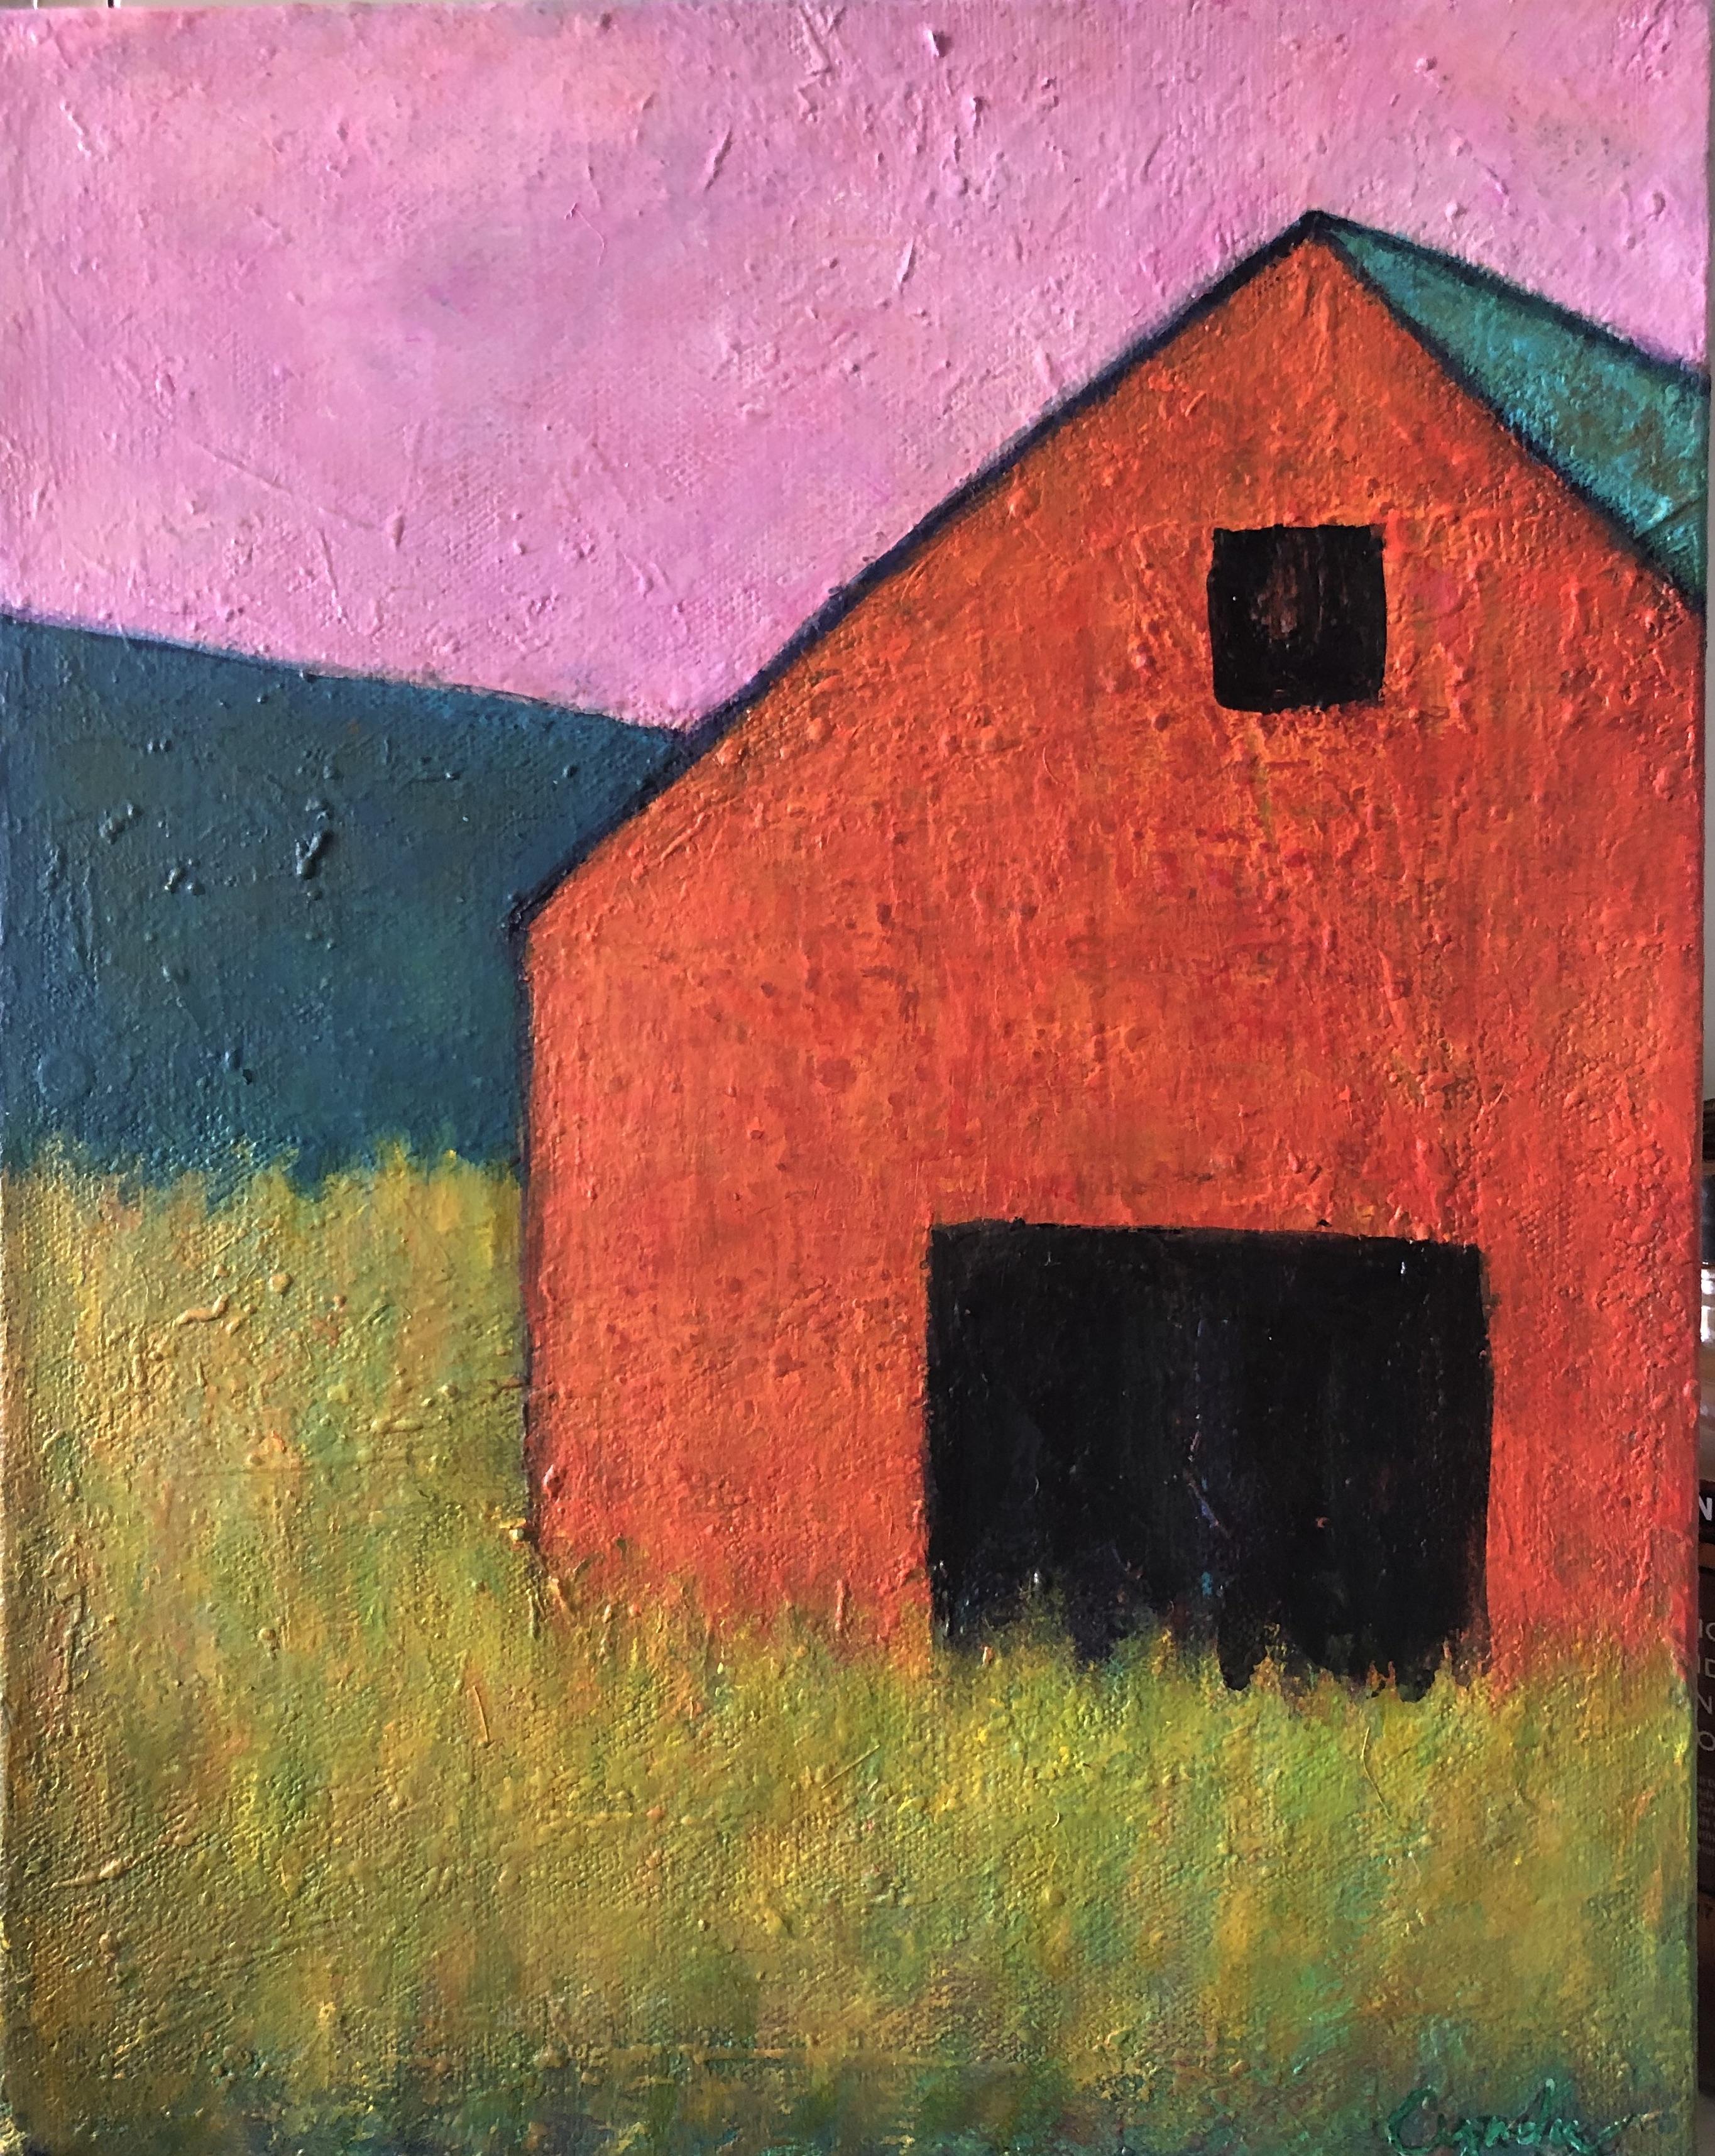 Orange Barn, Pink Sky